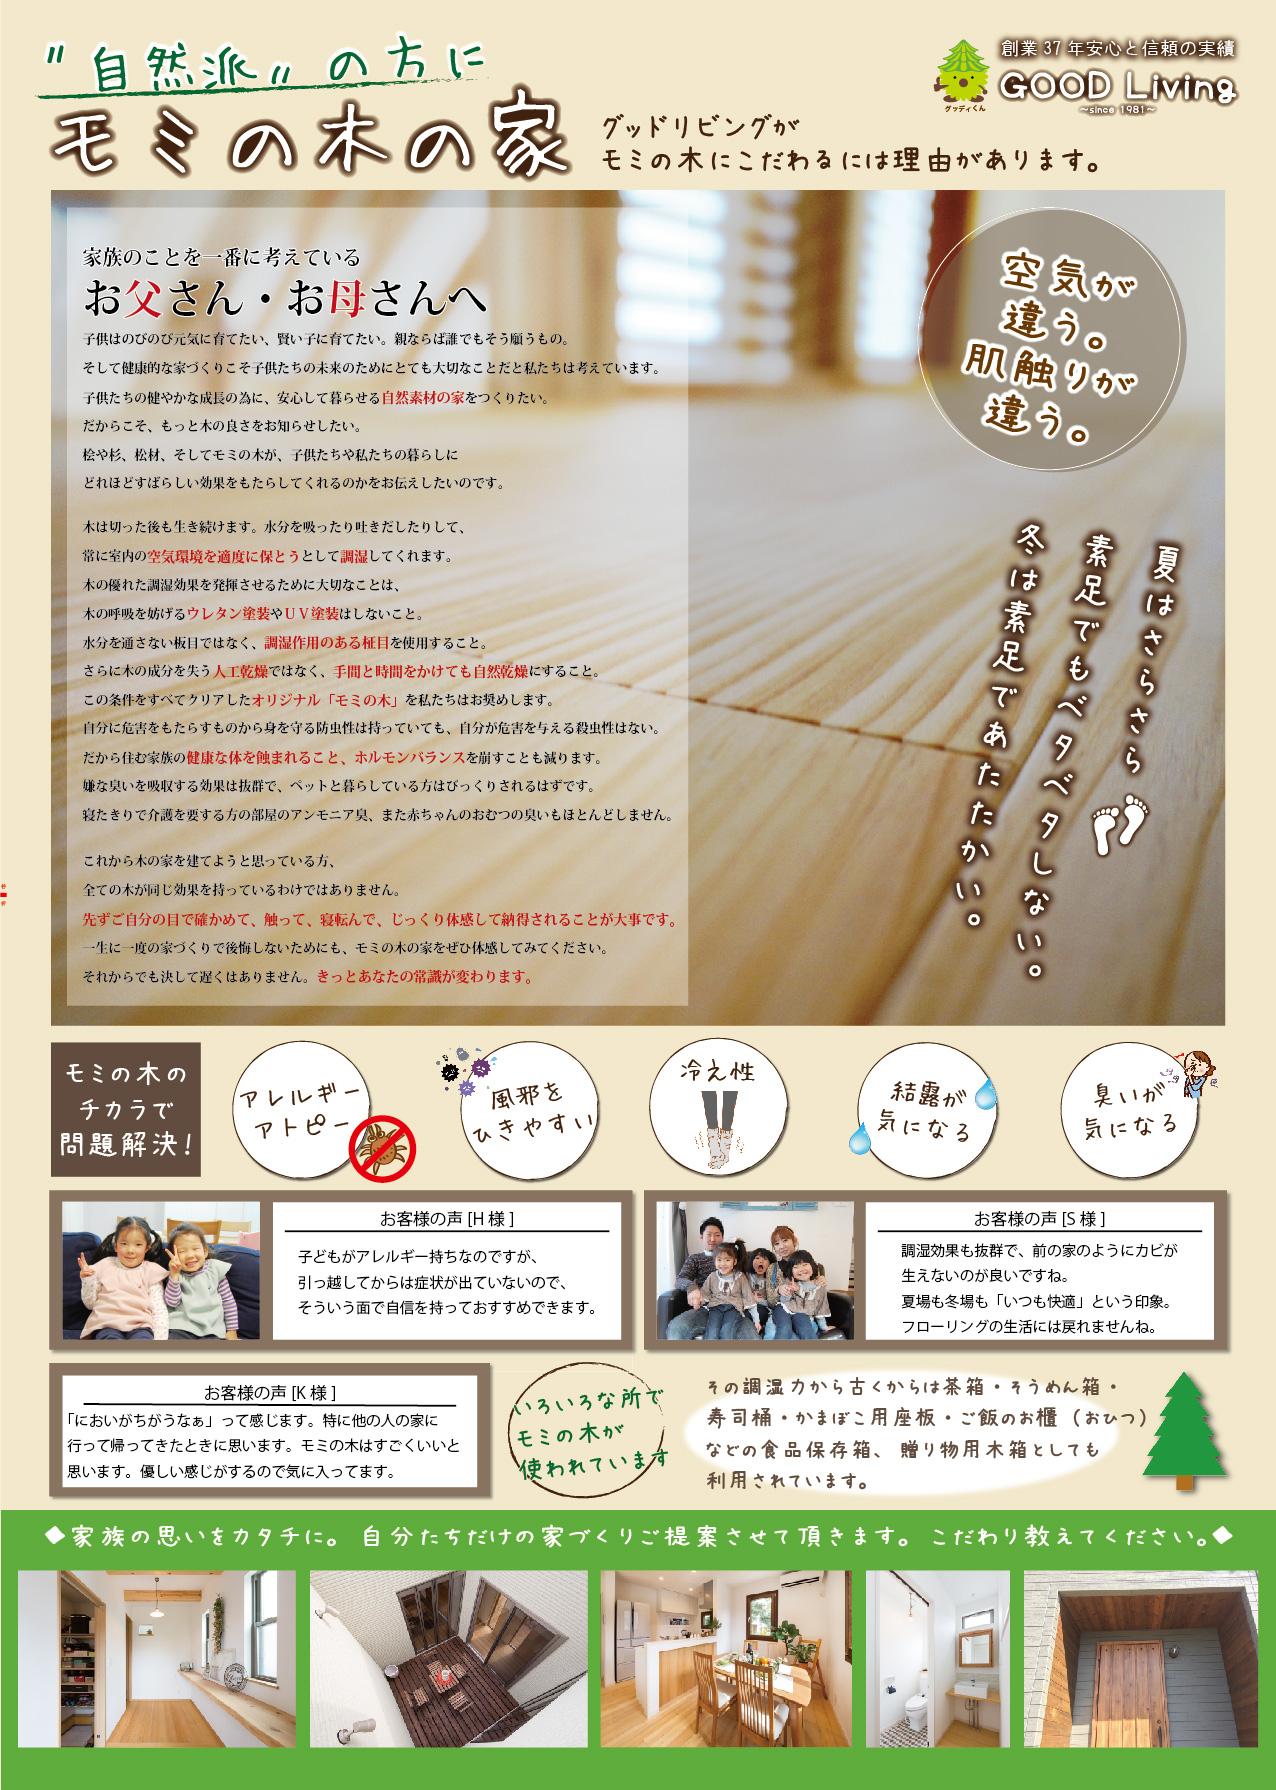 http://good-living.jp/event-information/pic/7.7-8%E3%83%81%E3%83%A9%E3%82%B7%E8%A3%8F%E9%9D%A2.jpg